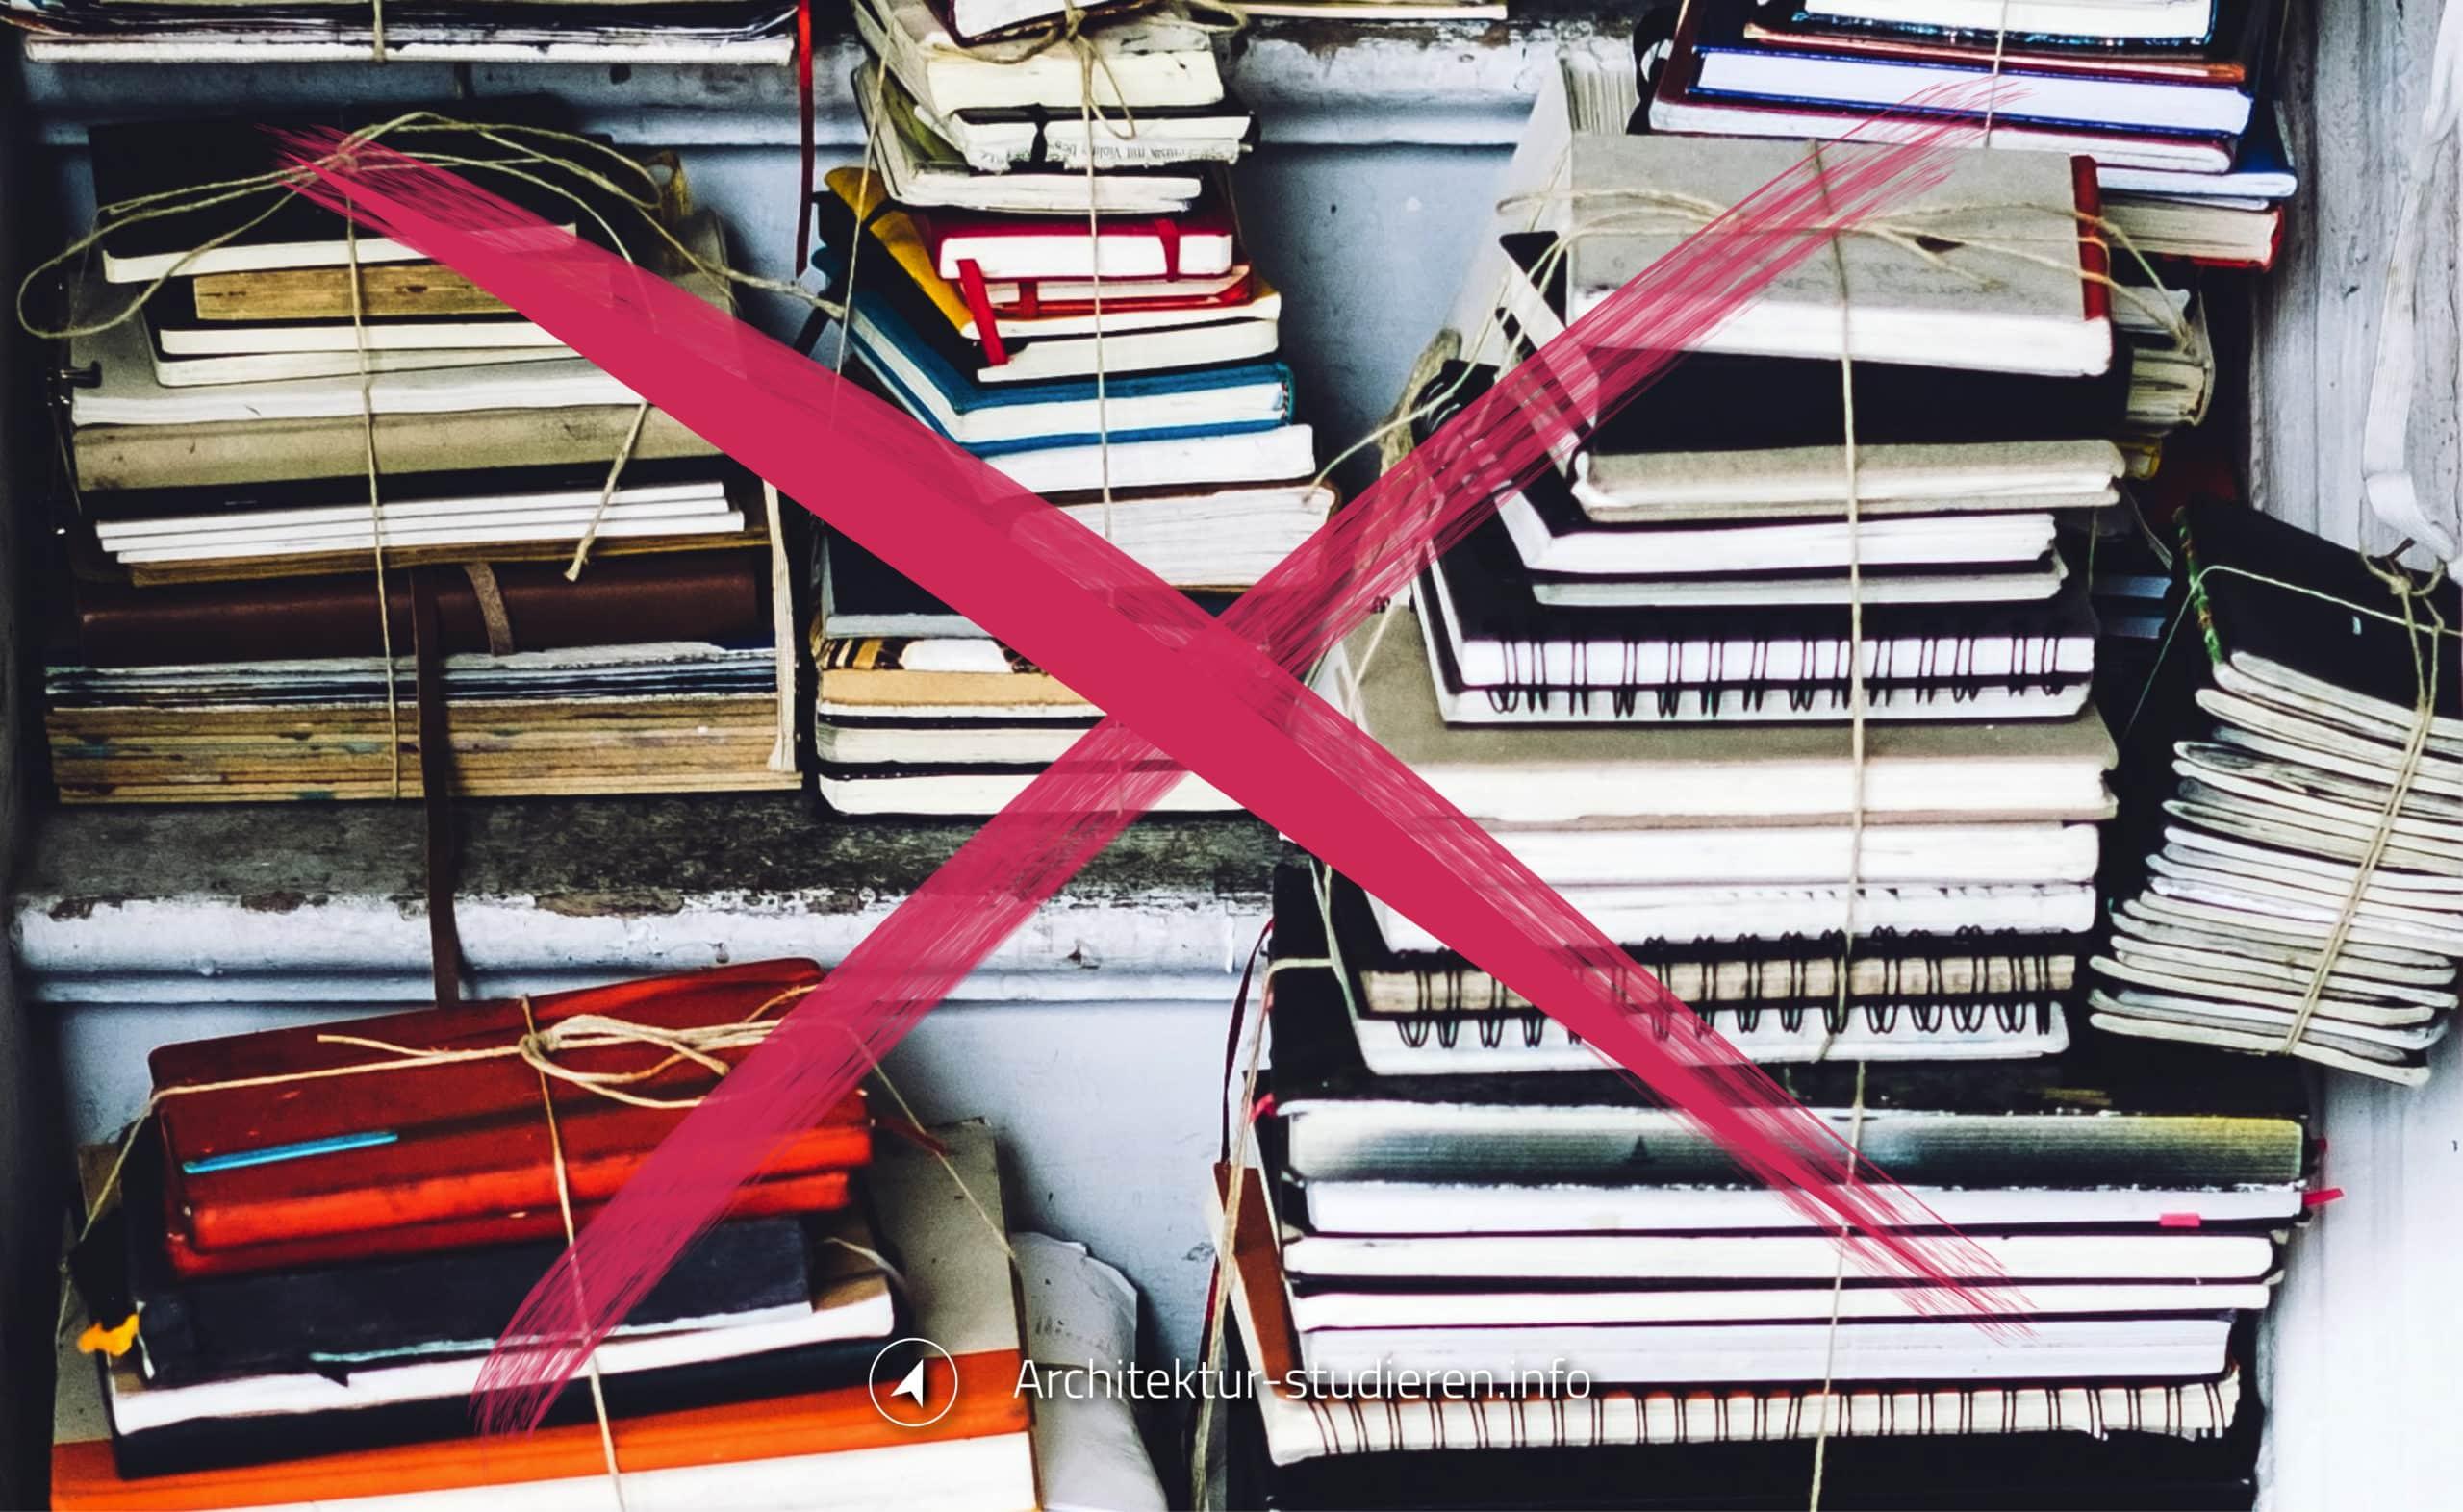 3 häufige Fehler in Architektur-Portfolios (und wie du sie vermeidest)